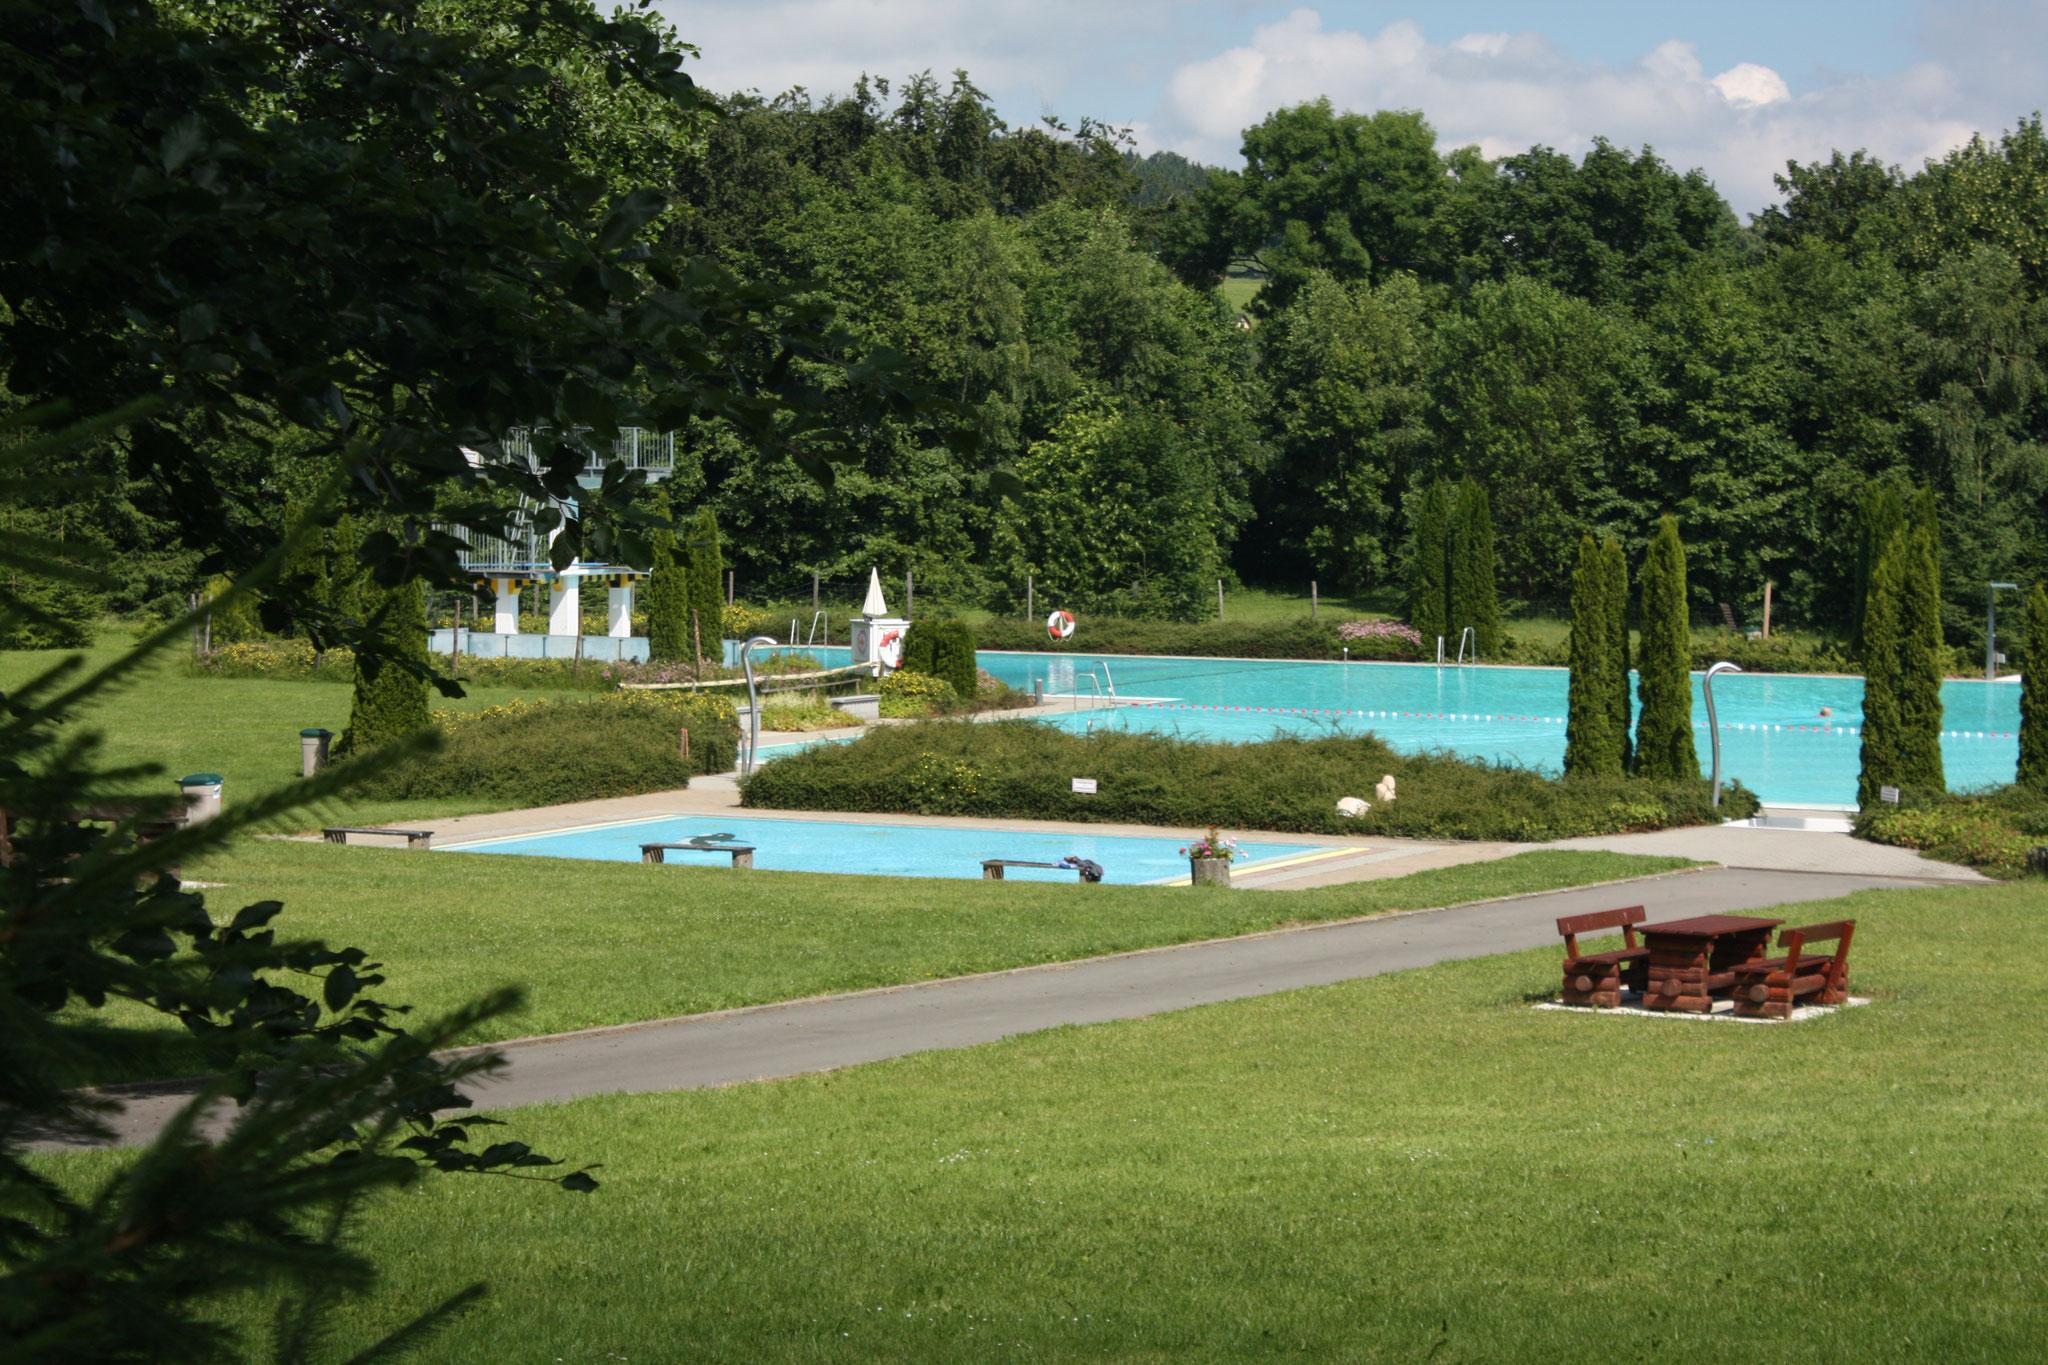 Das Schwimmbad mit Sprungturm 1 Meter, 3 Meter und 5 Meter